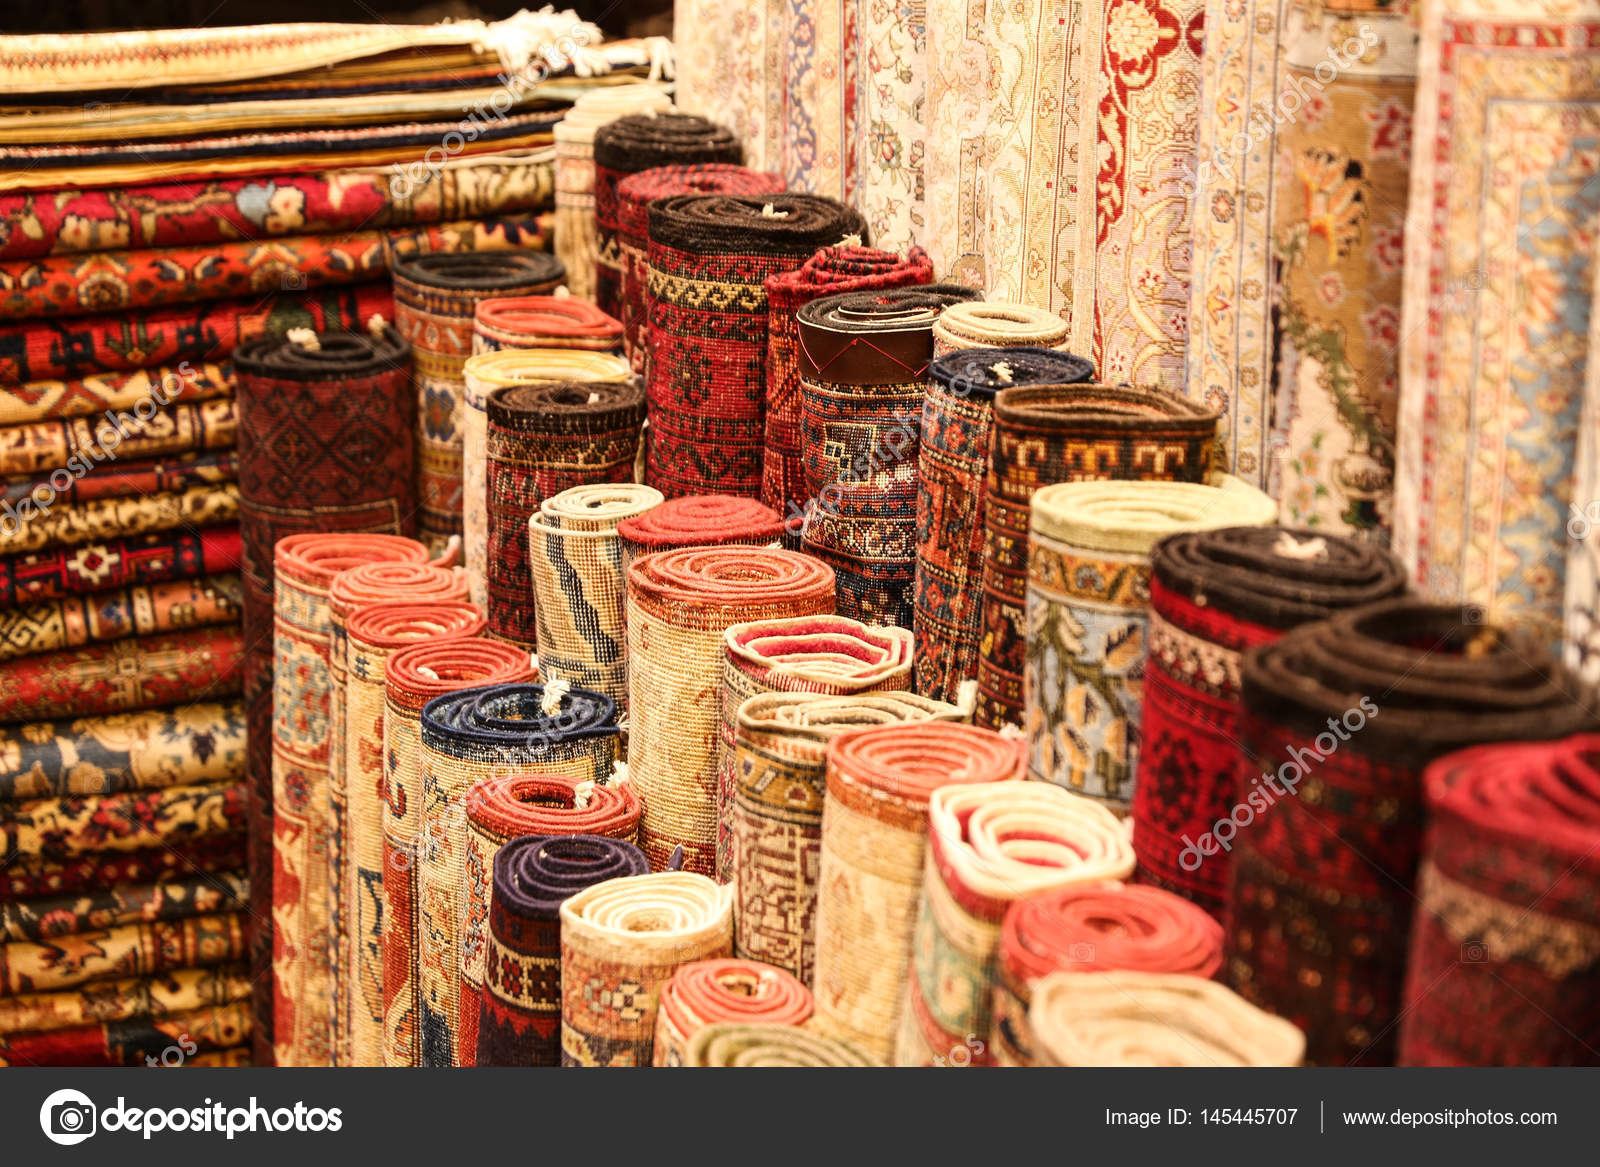 Trkische teppiche top trkischer dorfteppich semiantik x - Tappeti turchi vintage ...